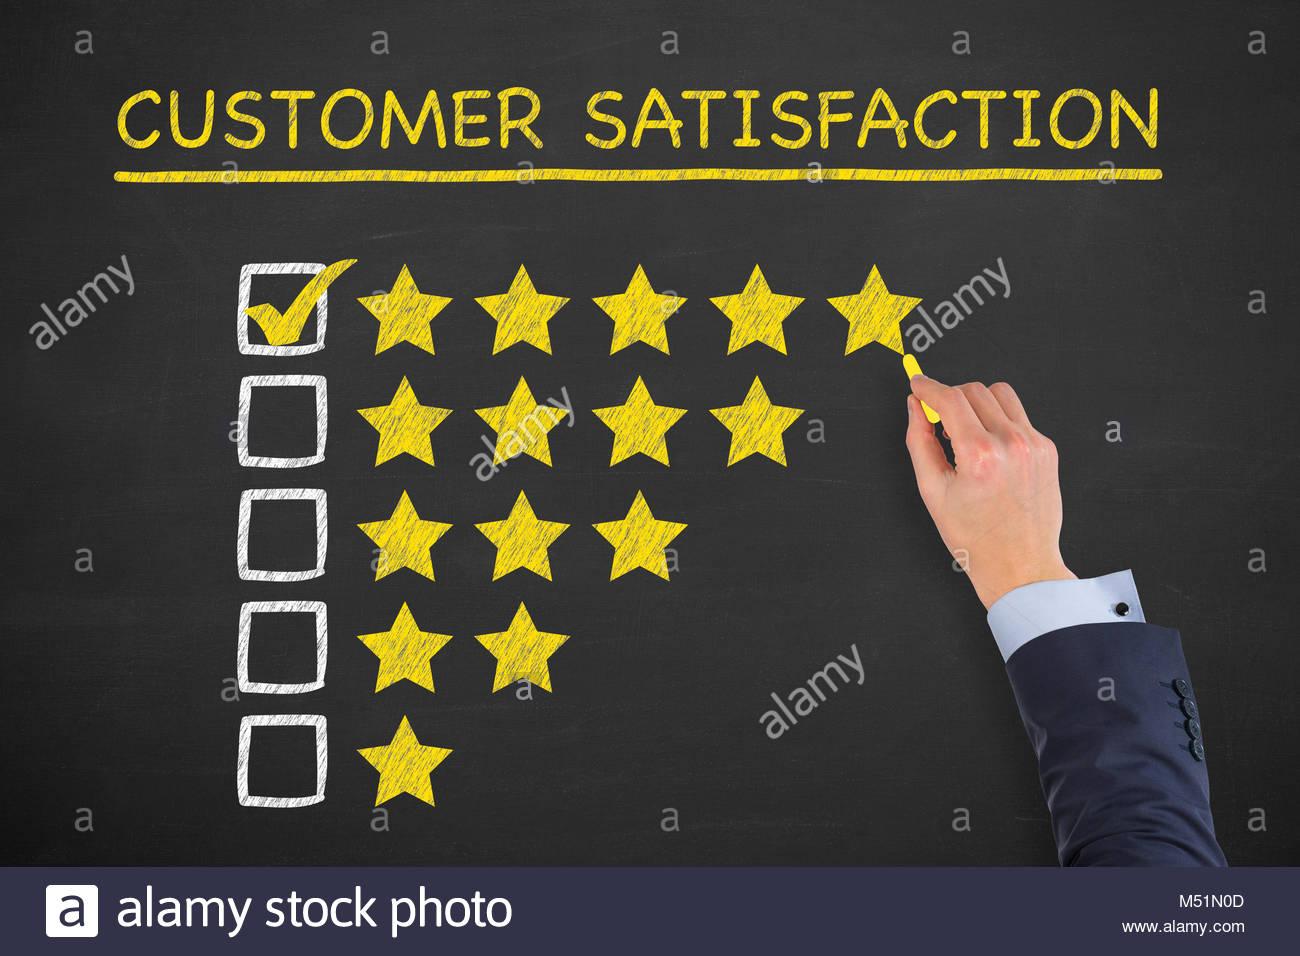 Satisfacción del cliente conceptos sobre los antecedentes de la pizarra Imagen De Stock